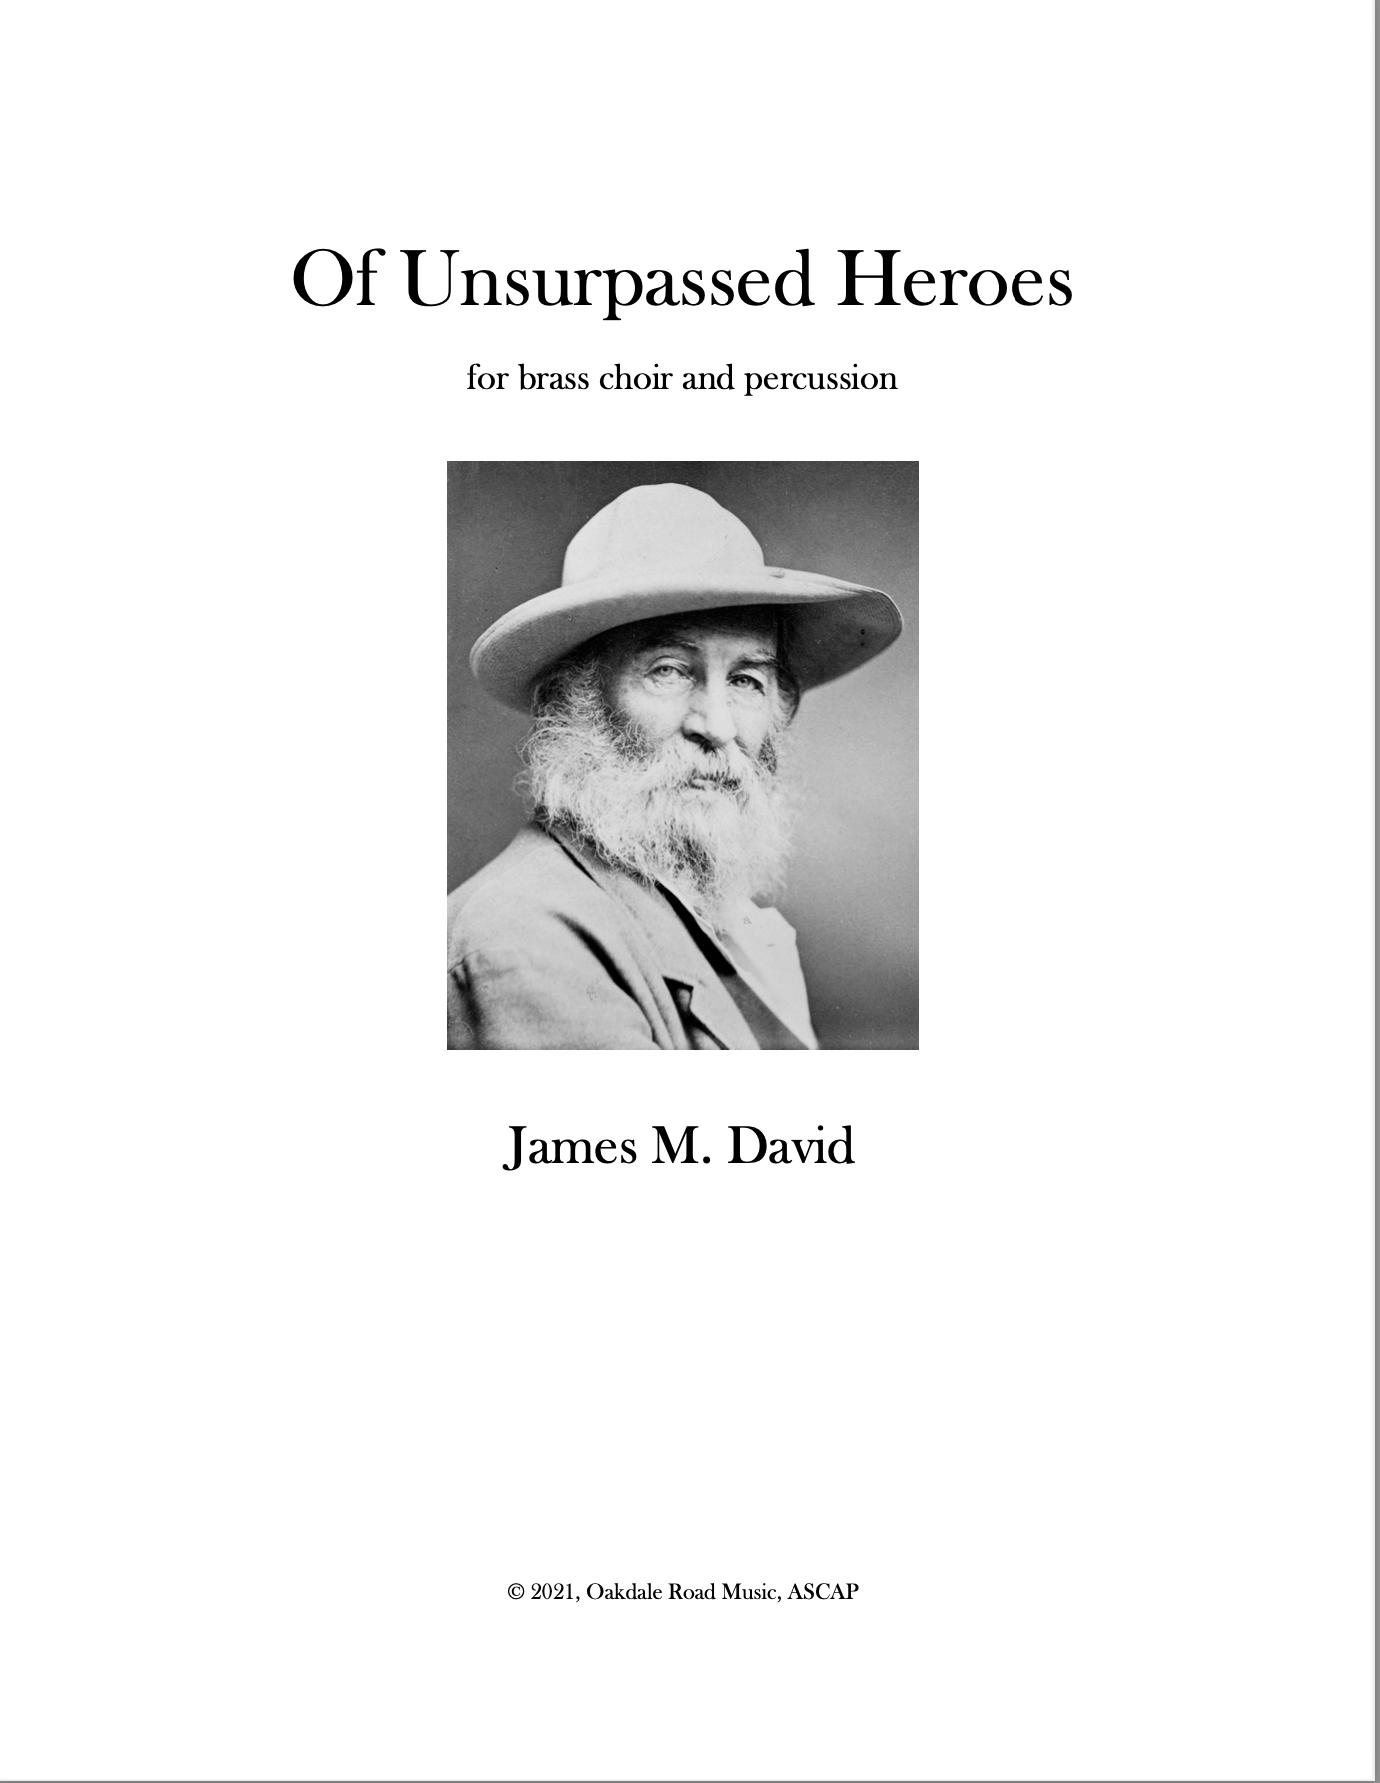 Of Unsurpassed Heroes  by James David